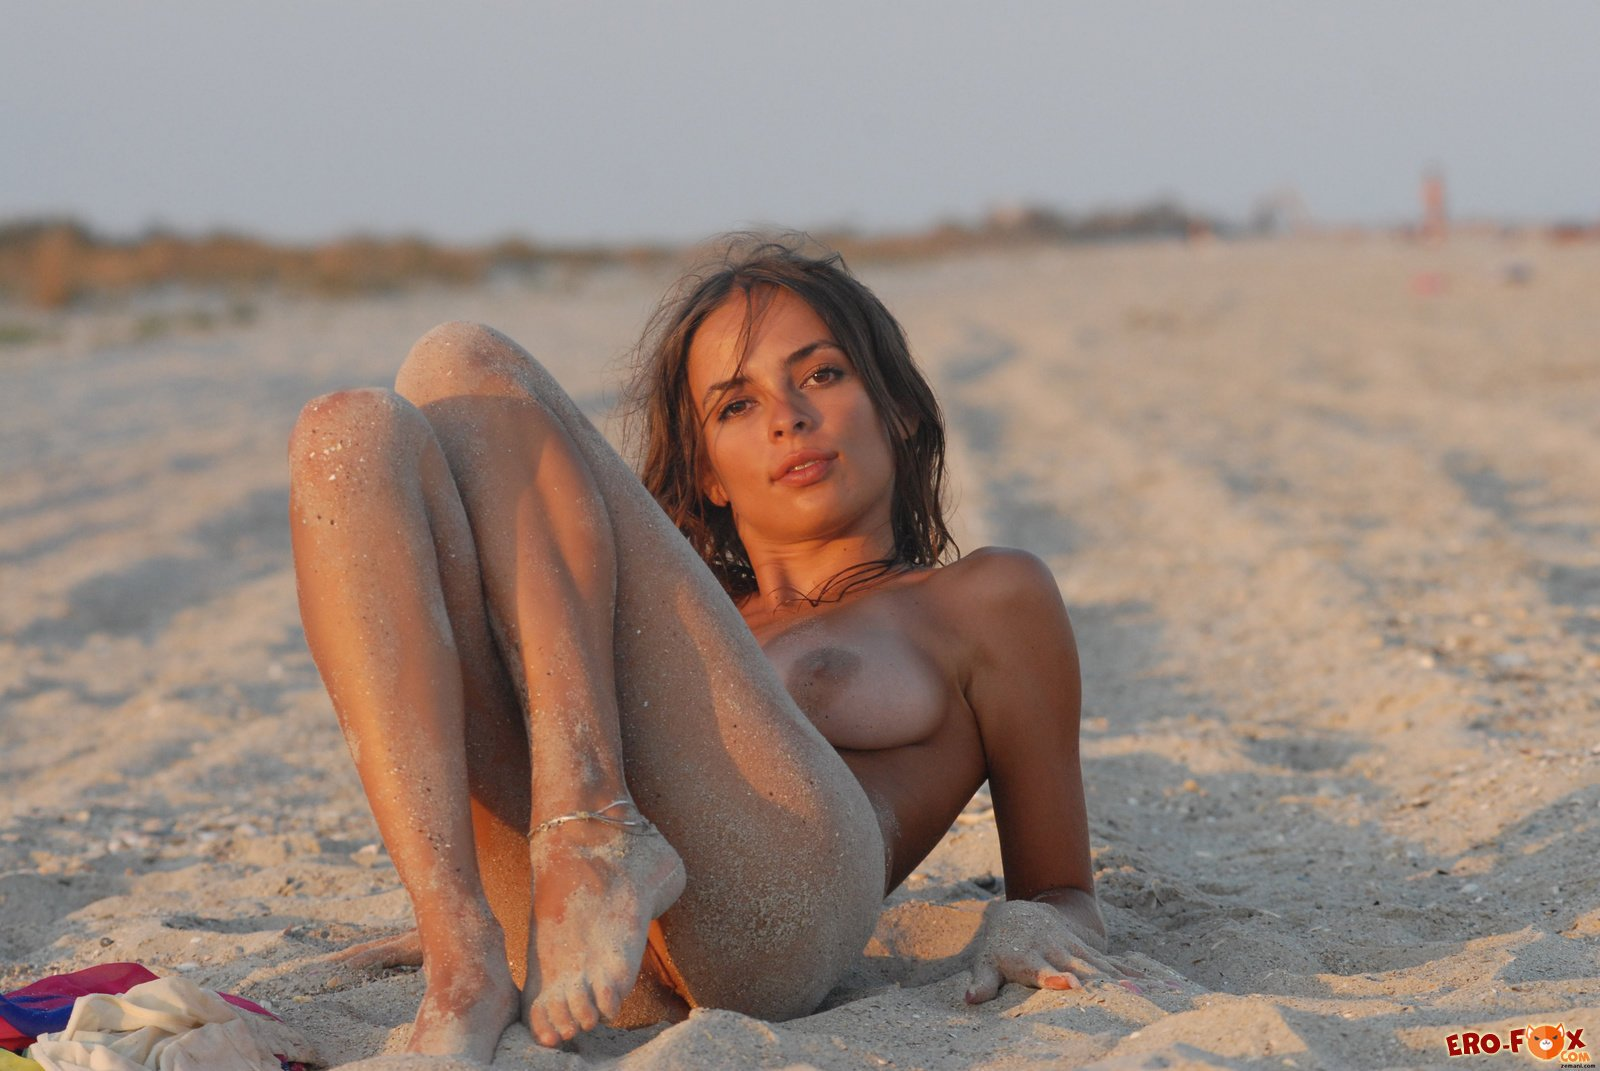 Грудастая голая девушка в песке на пляже